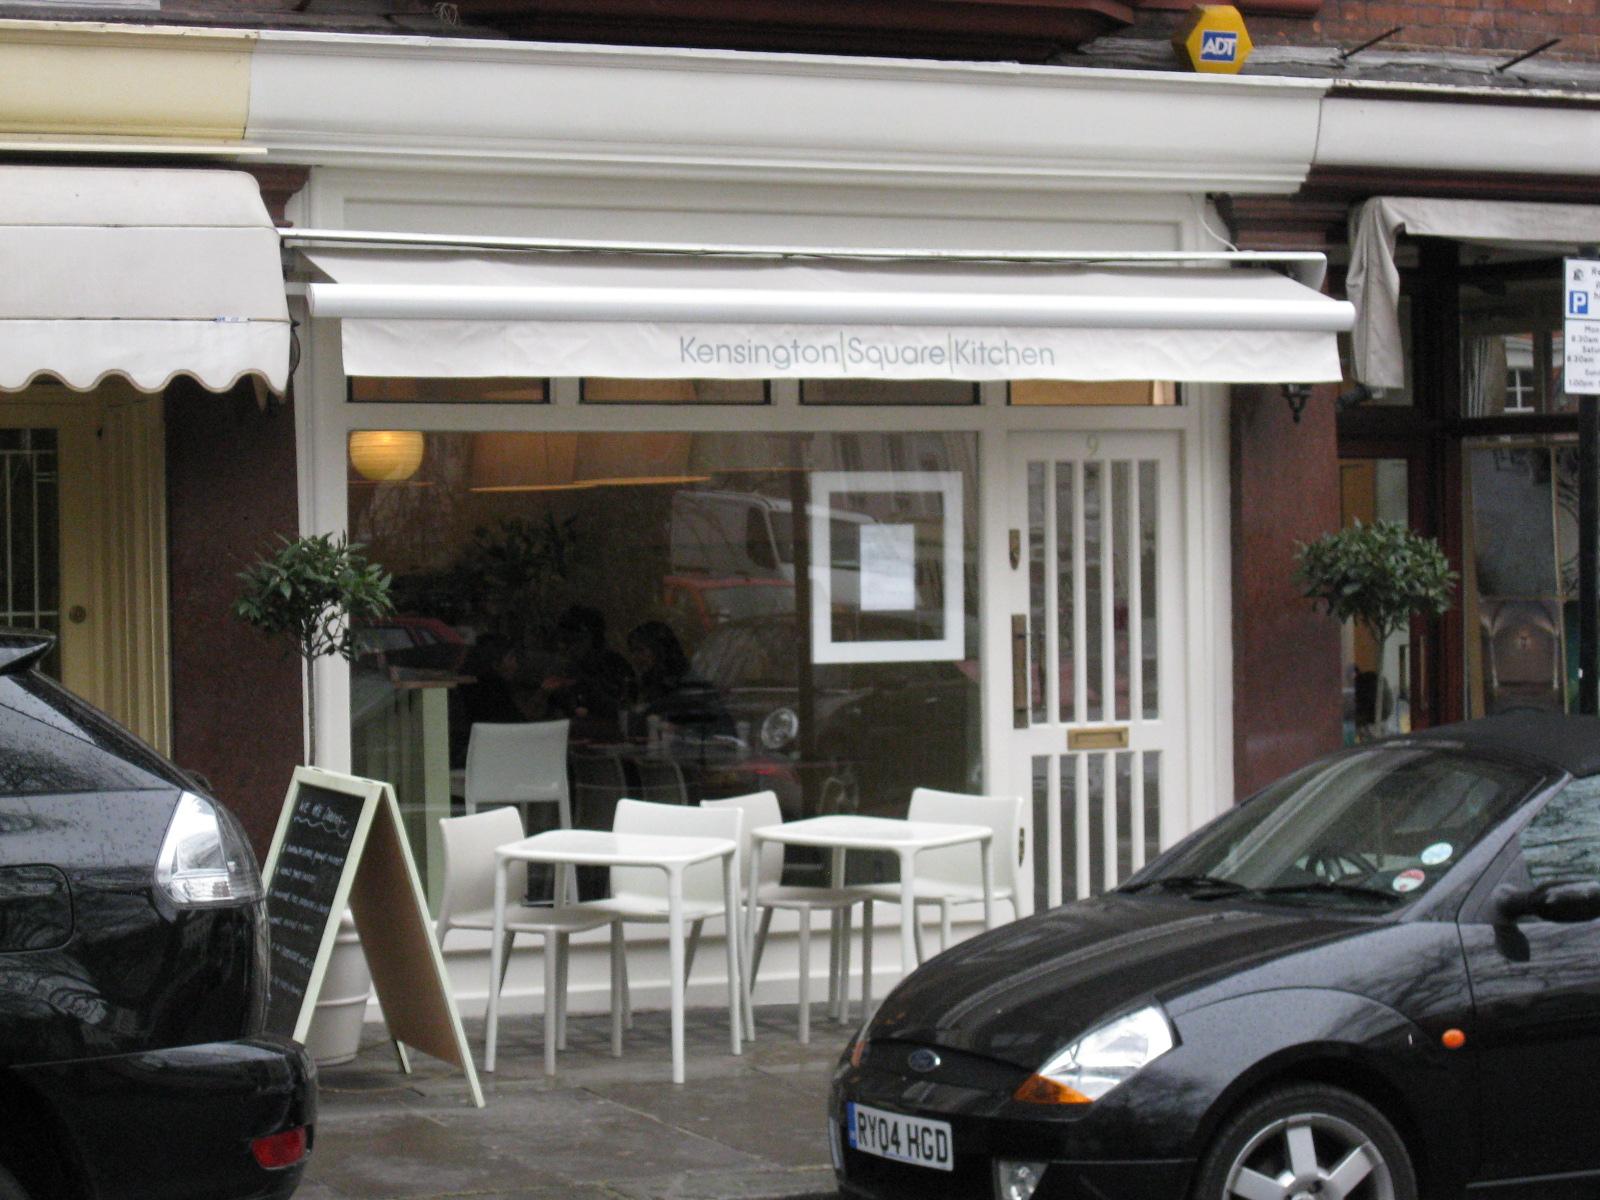 Kensington Square Kitchen London